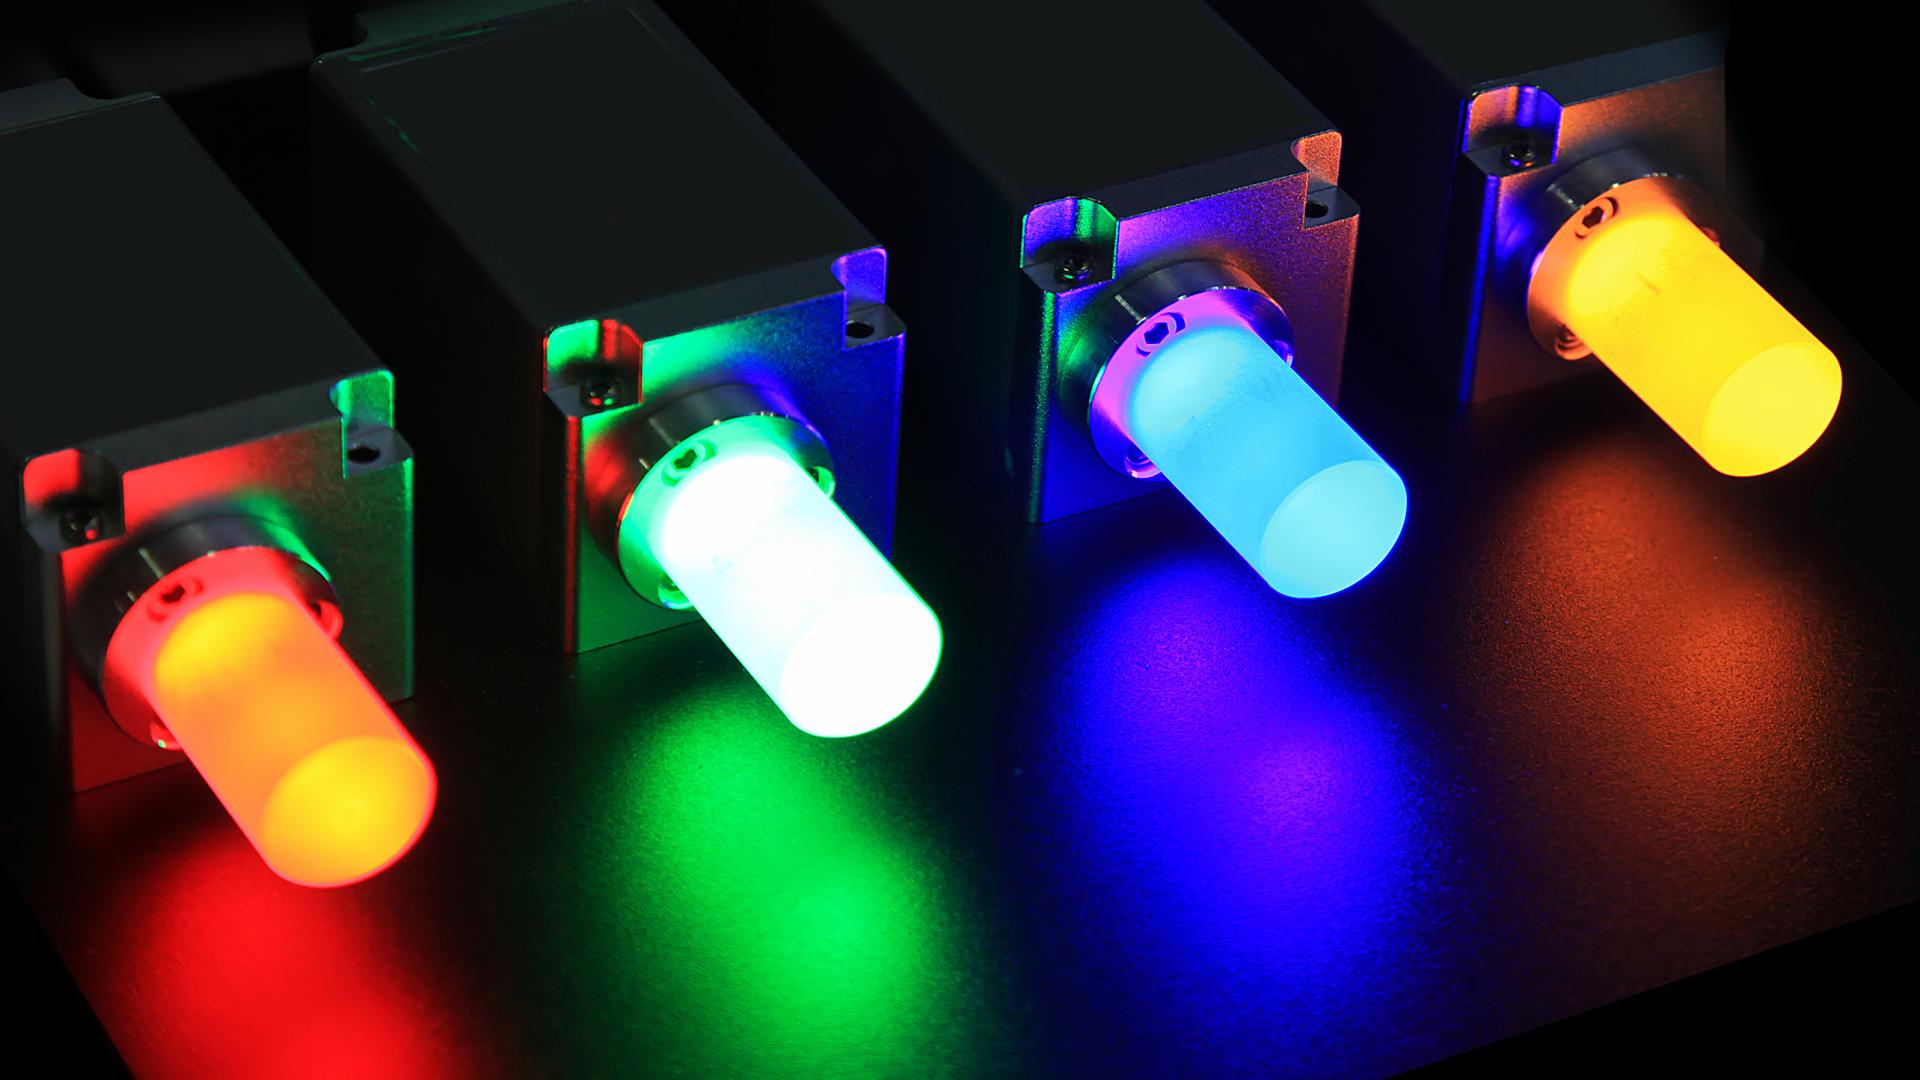 set of illuminated switches